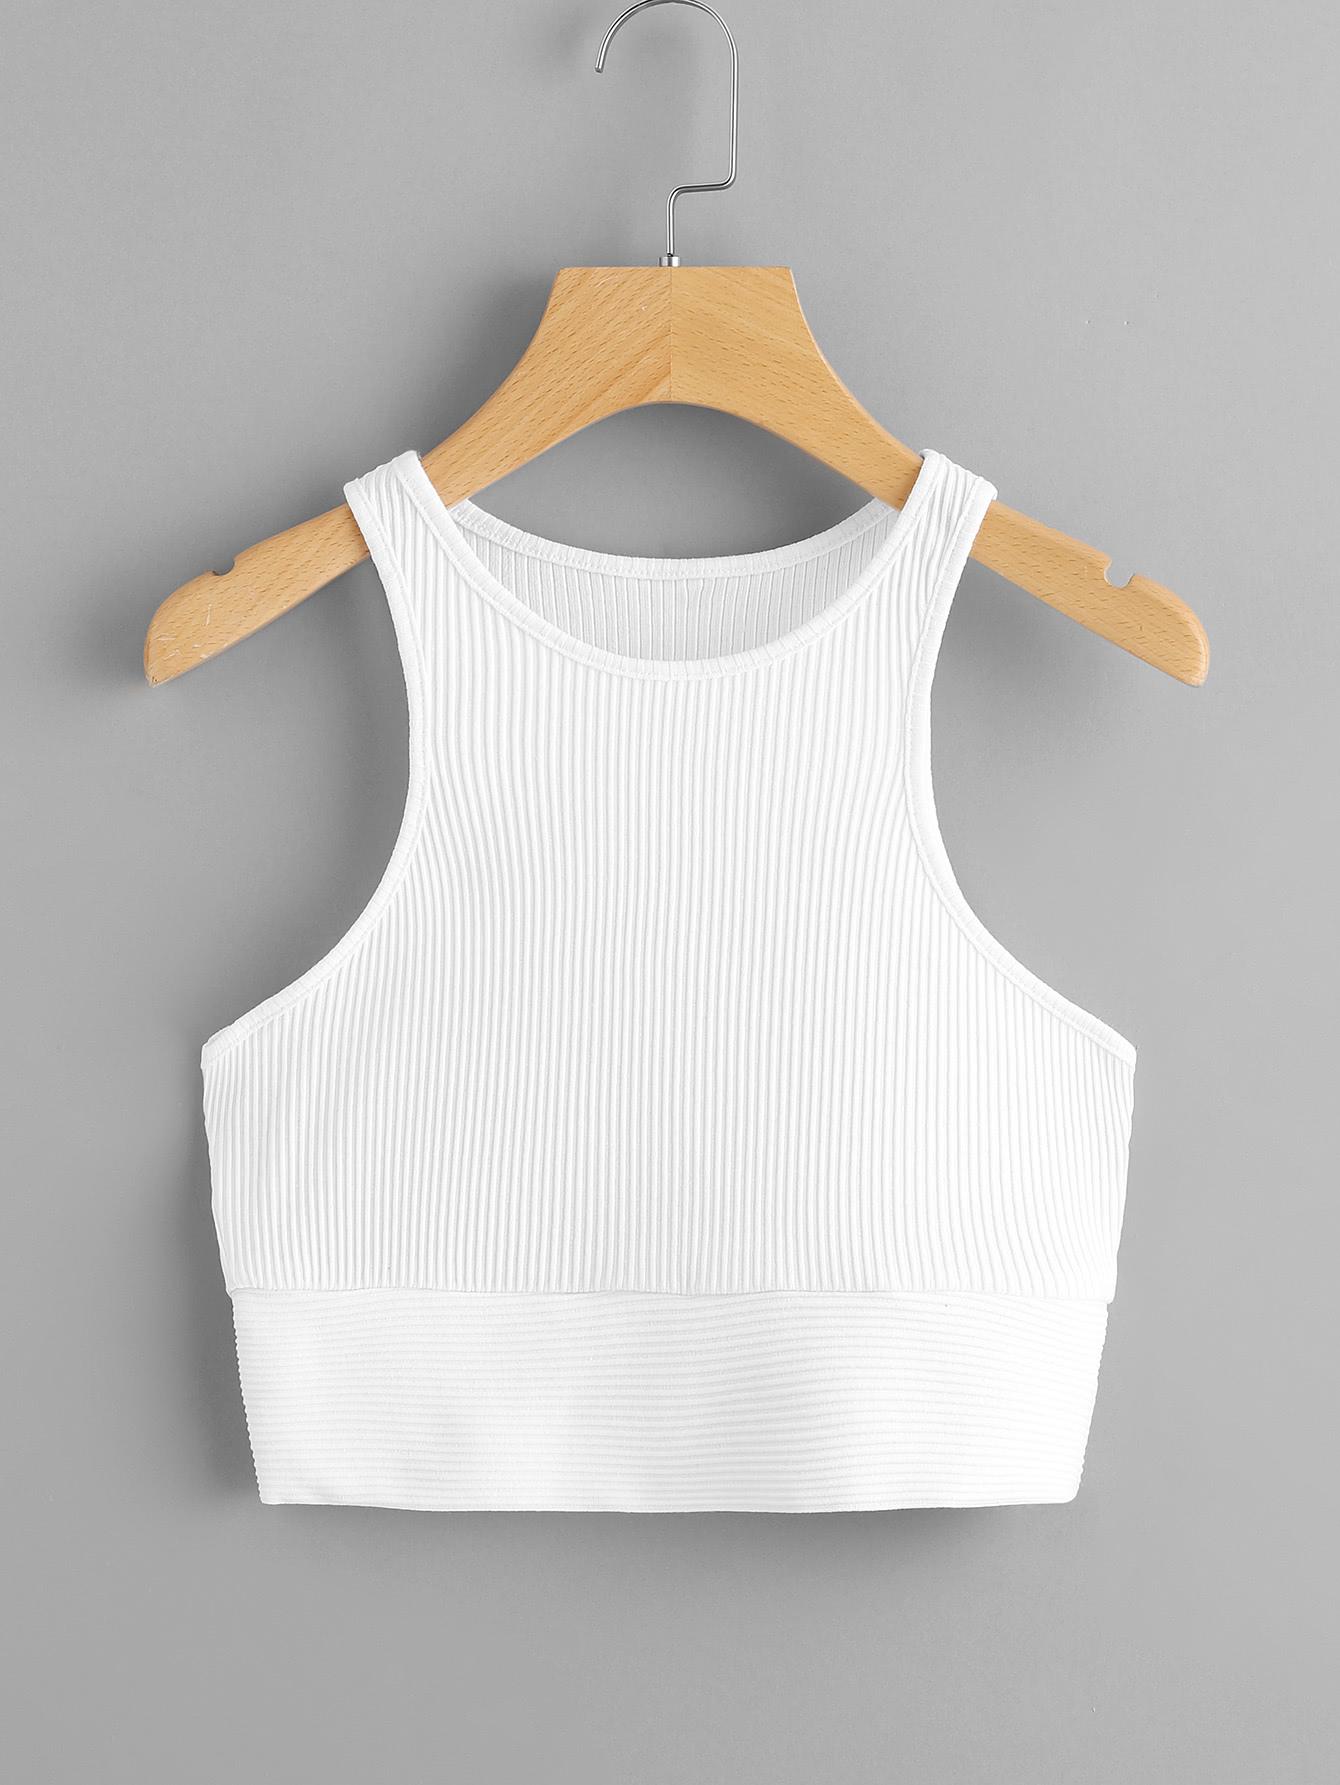 Rib Knit Crop Tank Top vest170703450